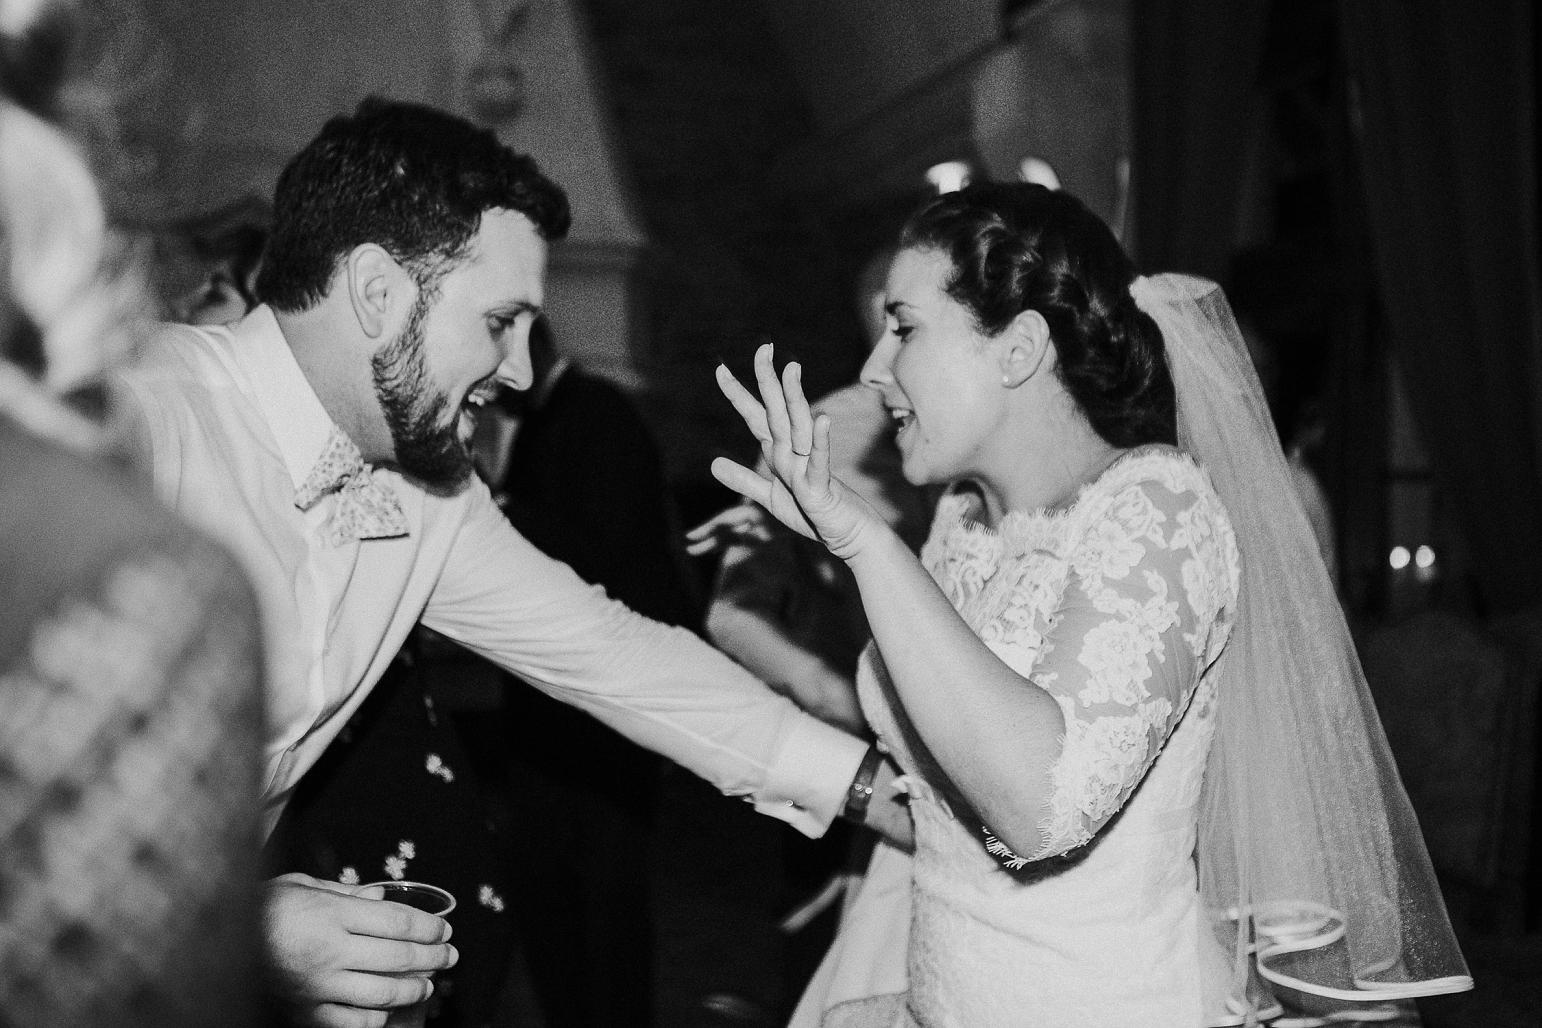 kateryna-photos-mariage-wedding-france-bretagne-pays-de-la-loire-chateau-de-la-colaissiere-st-sauveur-de-landemont_0089.jpg